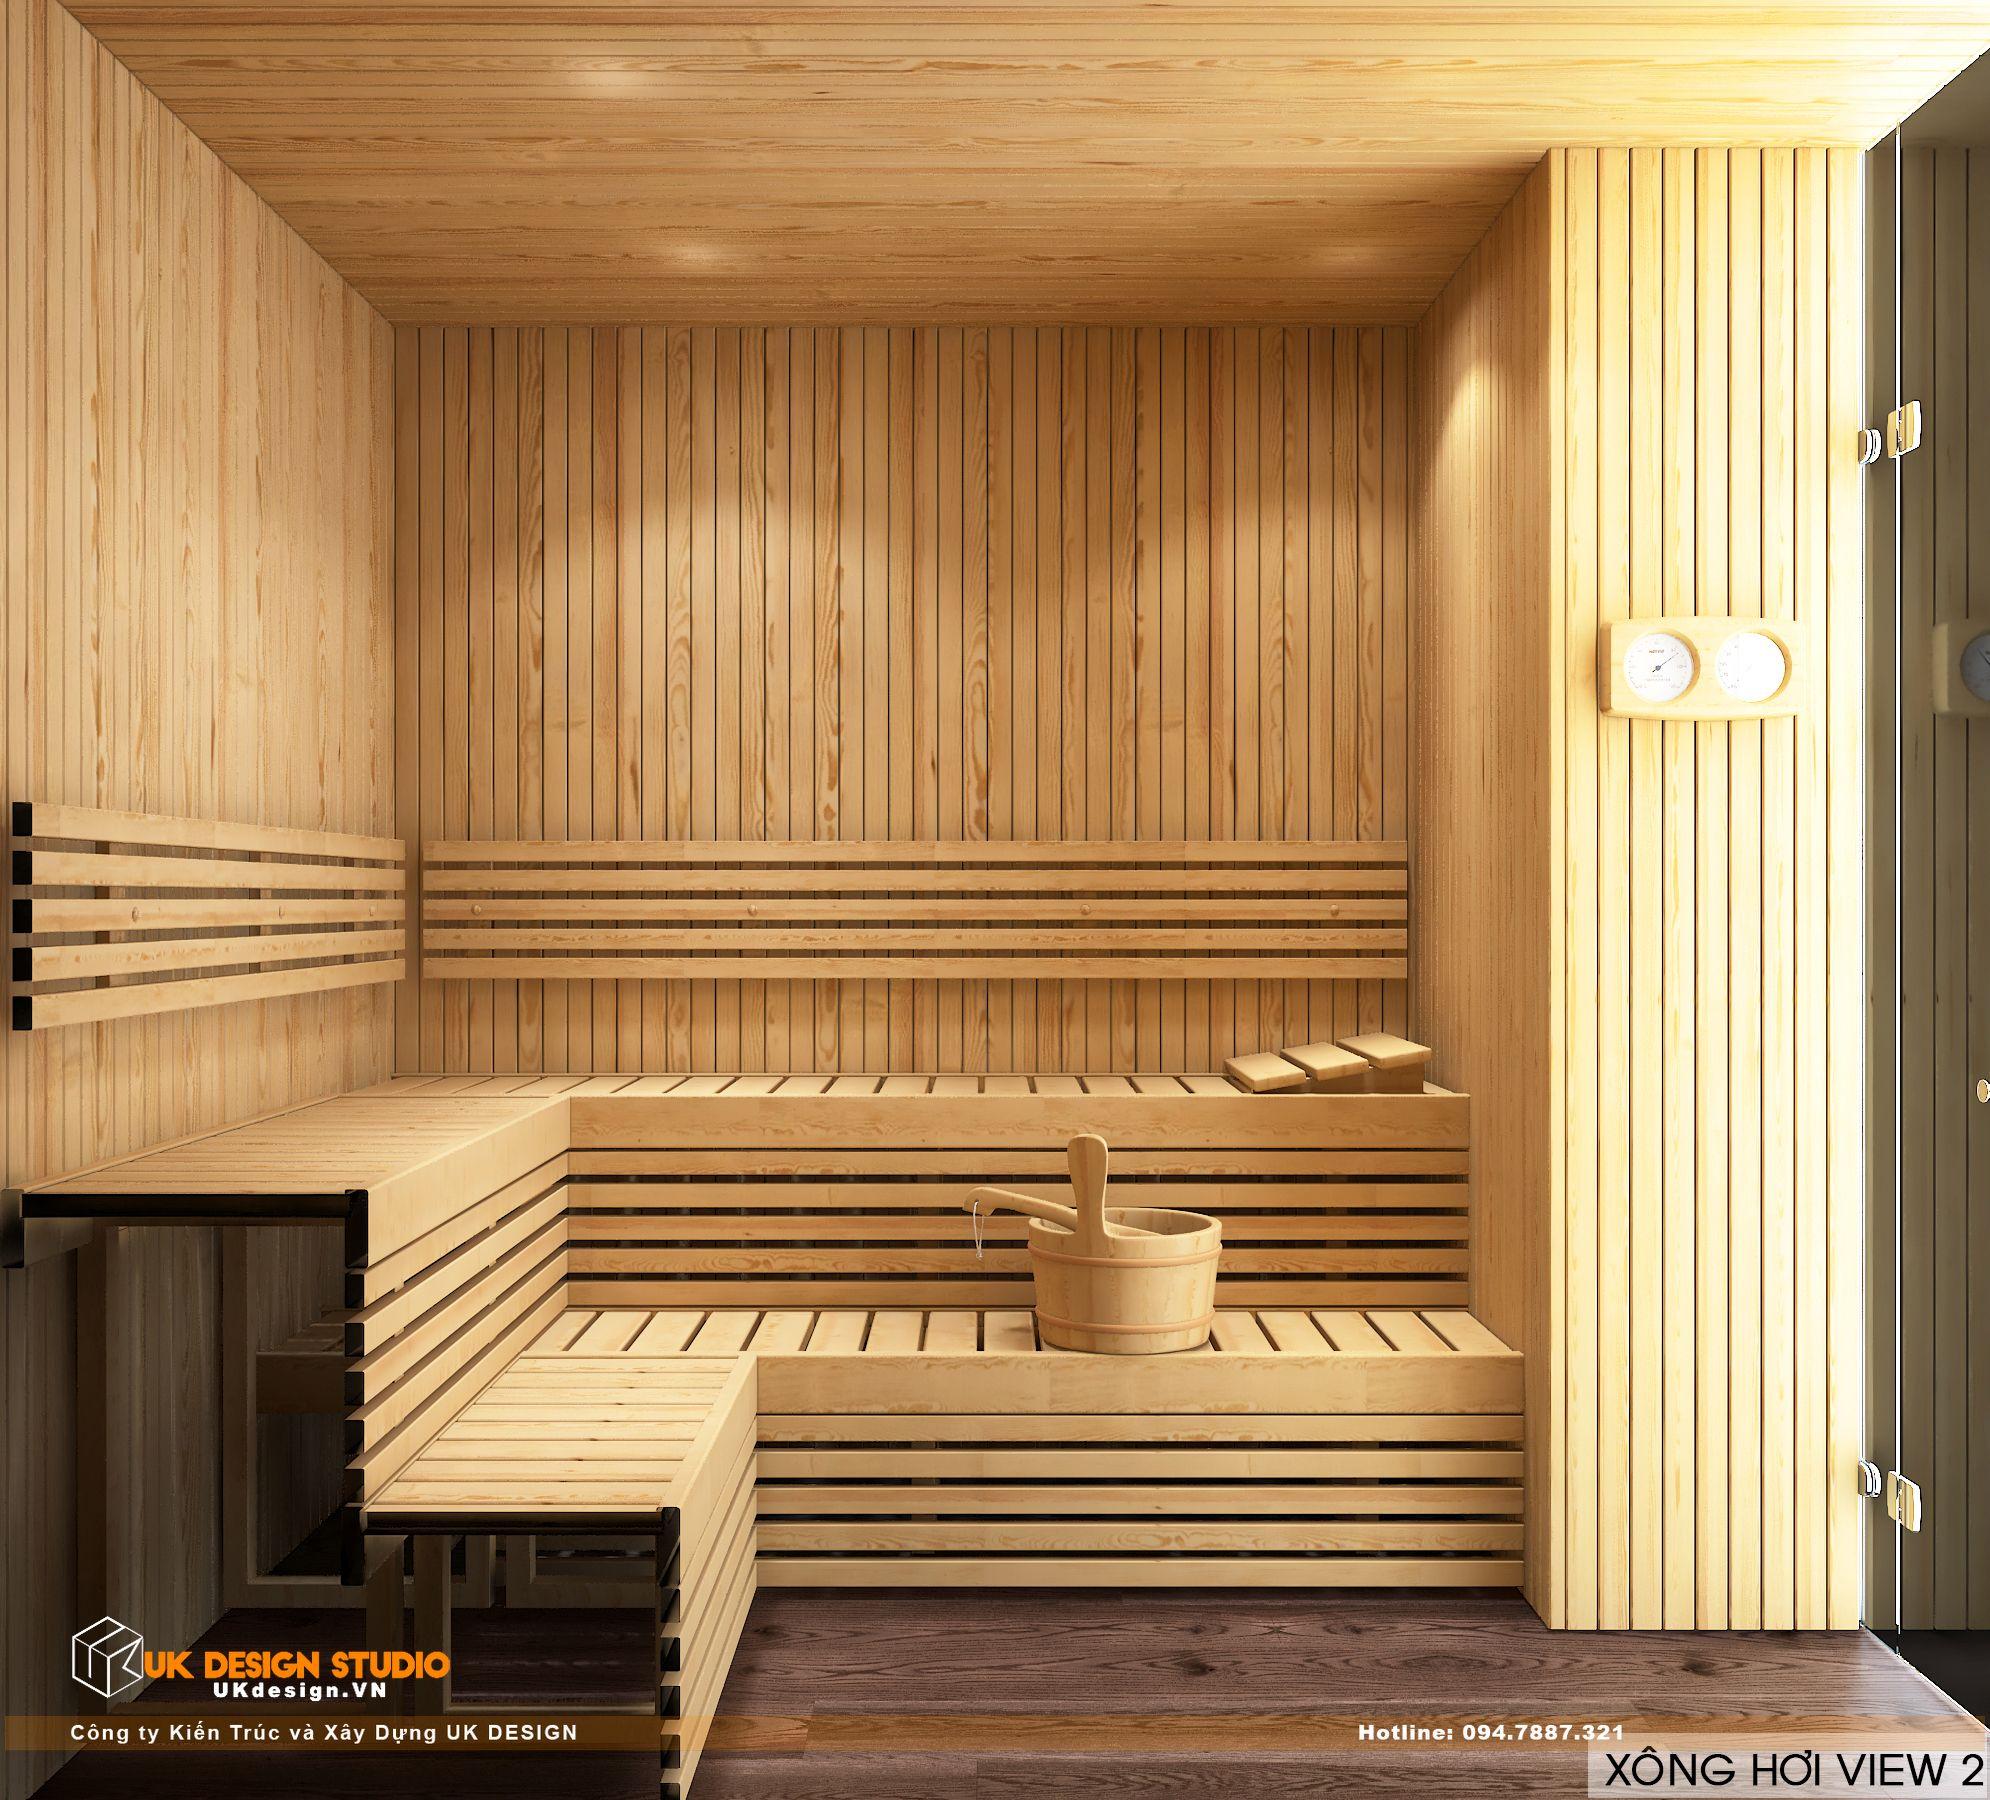 Thiết kế nội thất biệt thự nhà đẹp 3 tầng ở Quận 8 - Phòng sông hơi 1